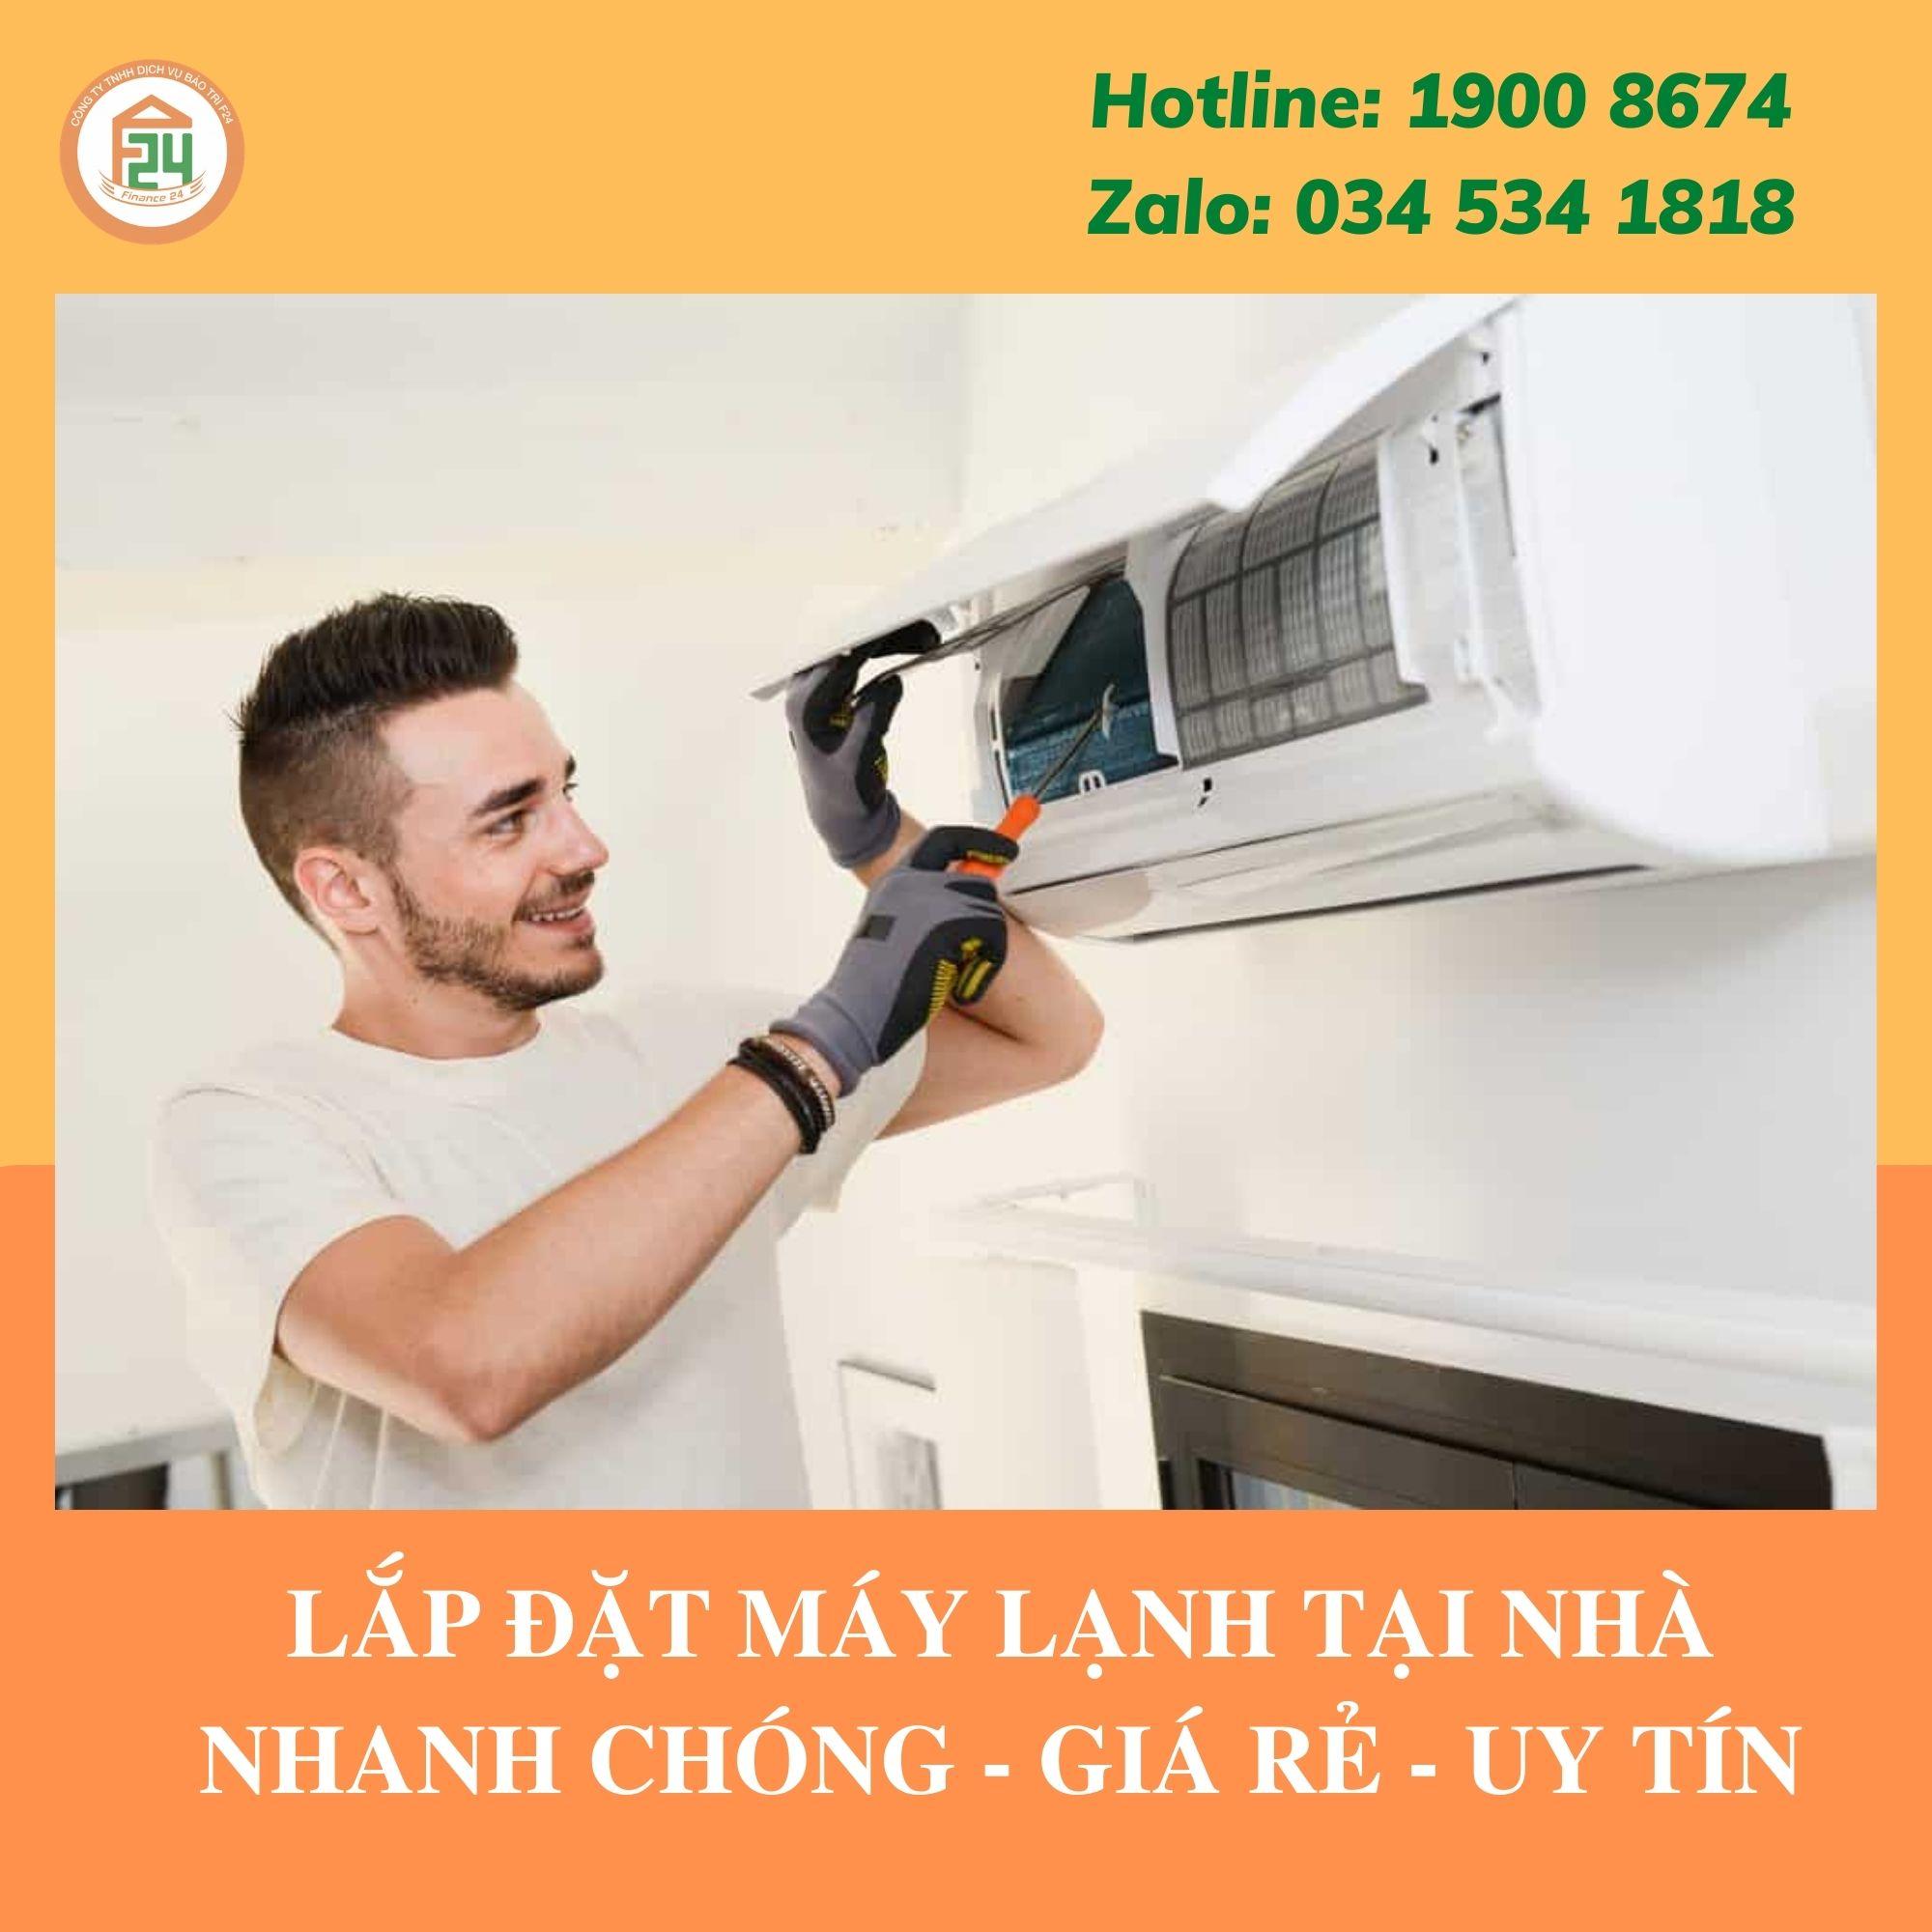 Lắp Đặt Máy Lạnh Giá Rẻ Tại Nhà | Công Ty Bảo Trì & Sửa Chữa Máy Lạnh